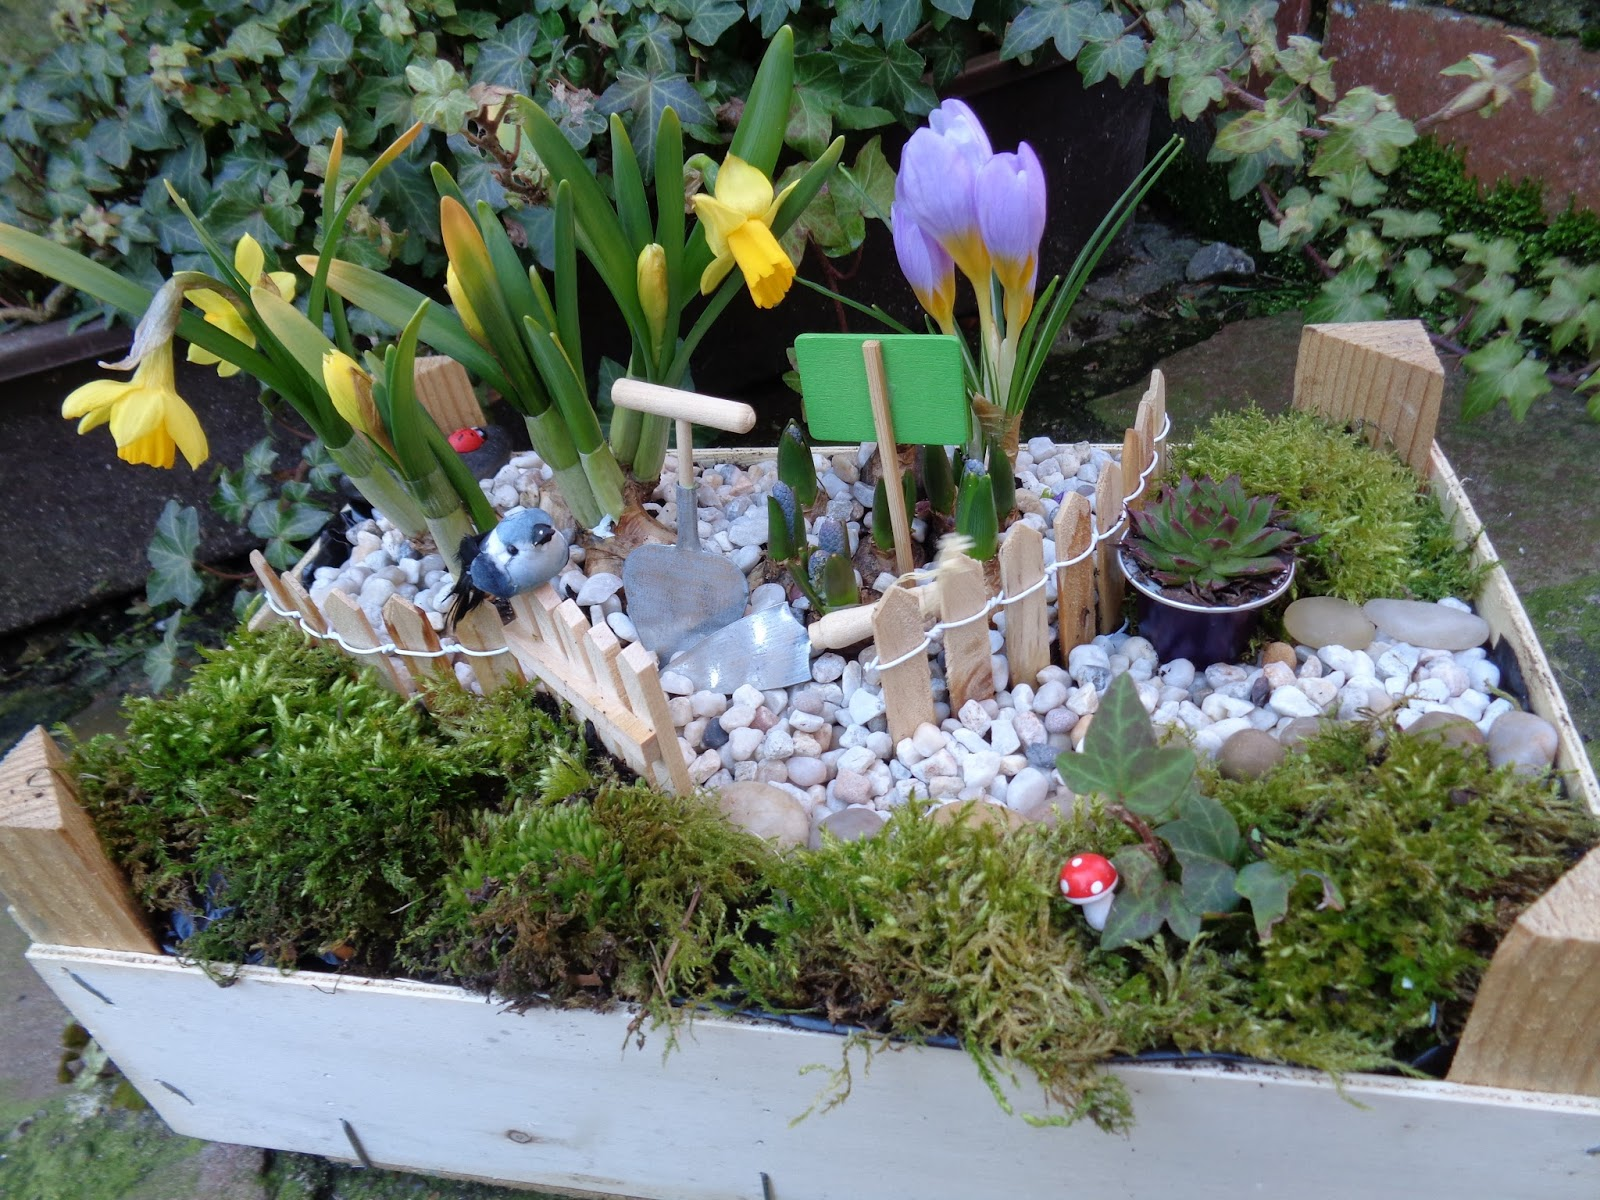 Coeur plein frigo vide mini jardin for Vide jardin tournefeuille 2015